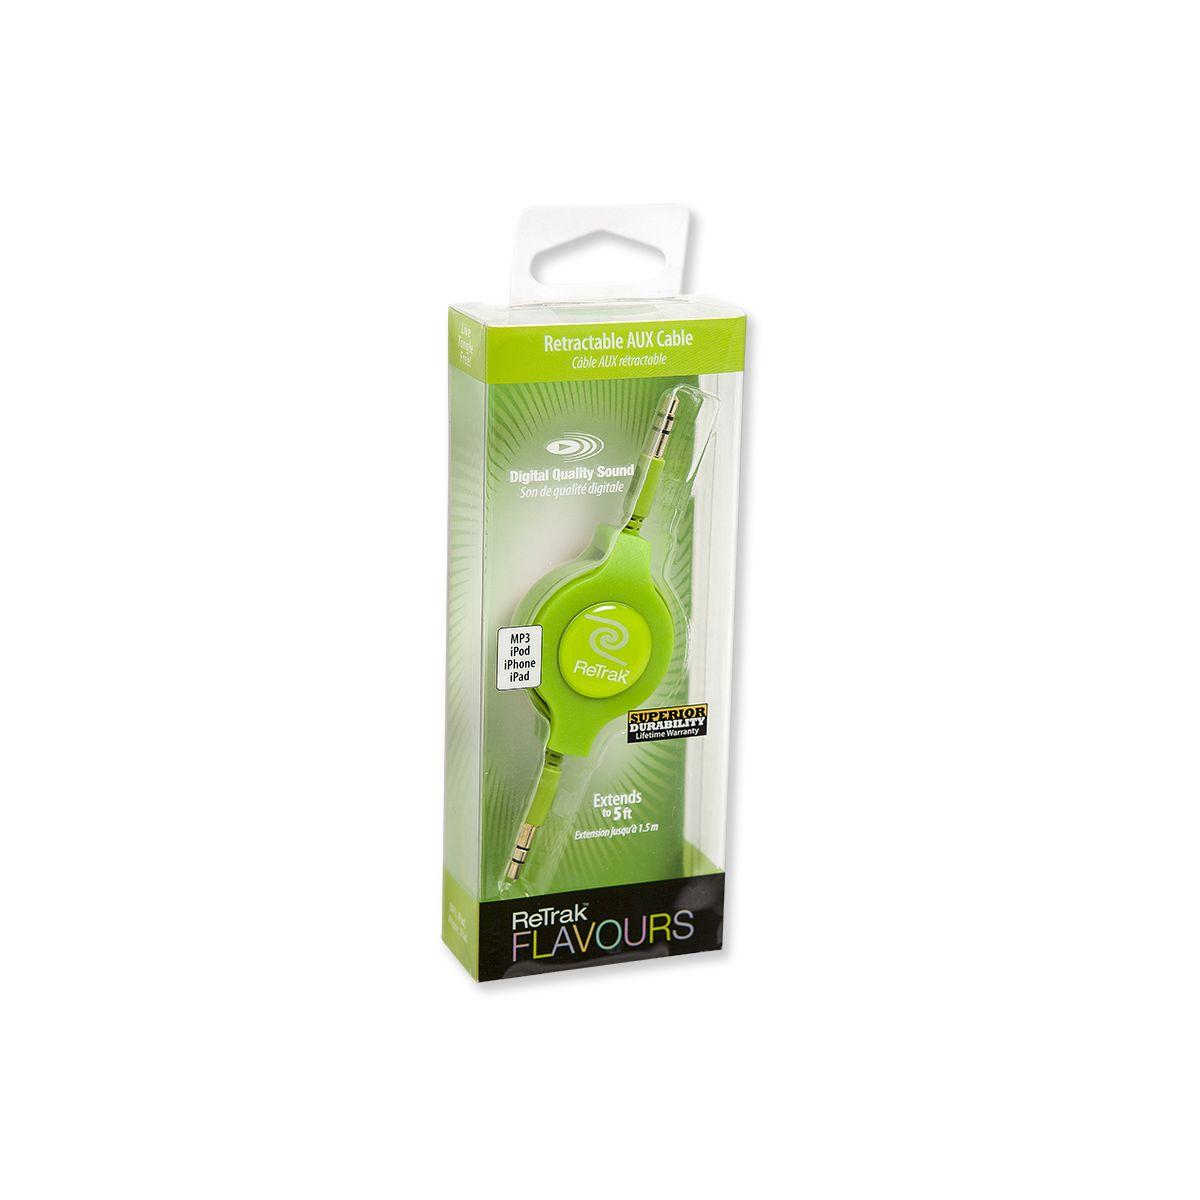 Câble retrak stéréo jack 3,5mm vert - 7% de remise immédiate avec le code : cool7 (photo)